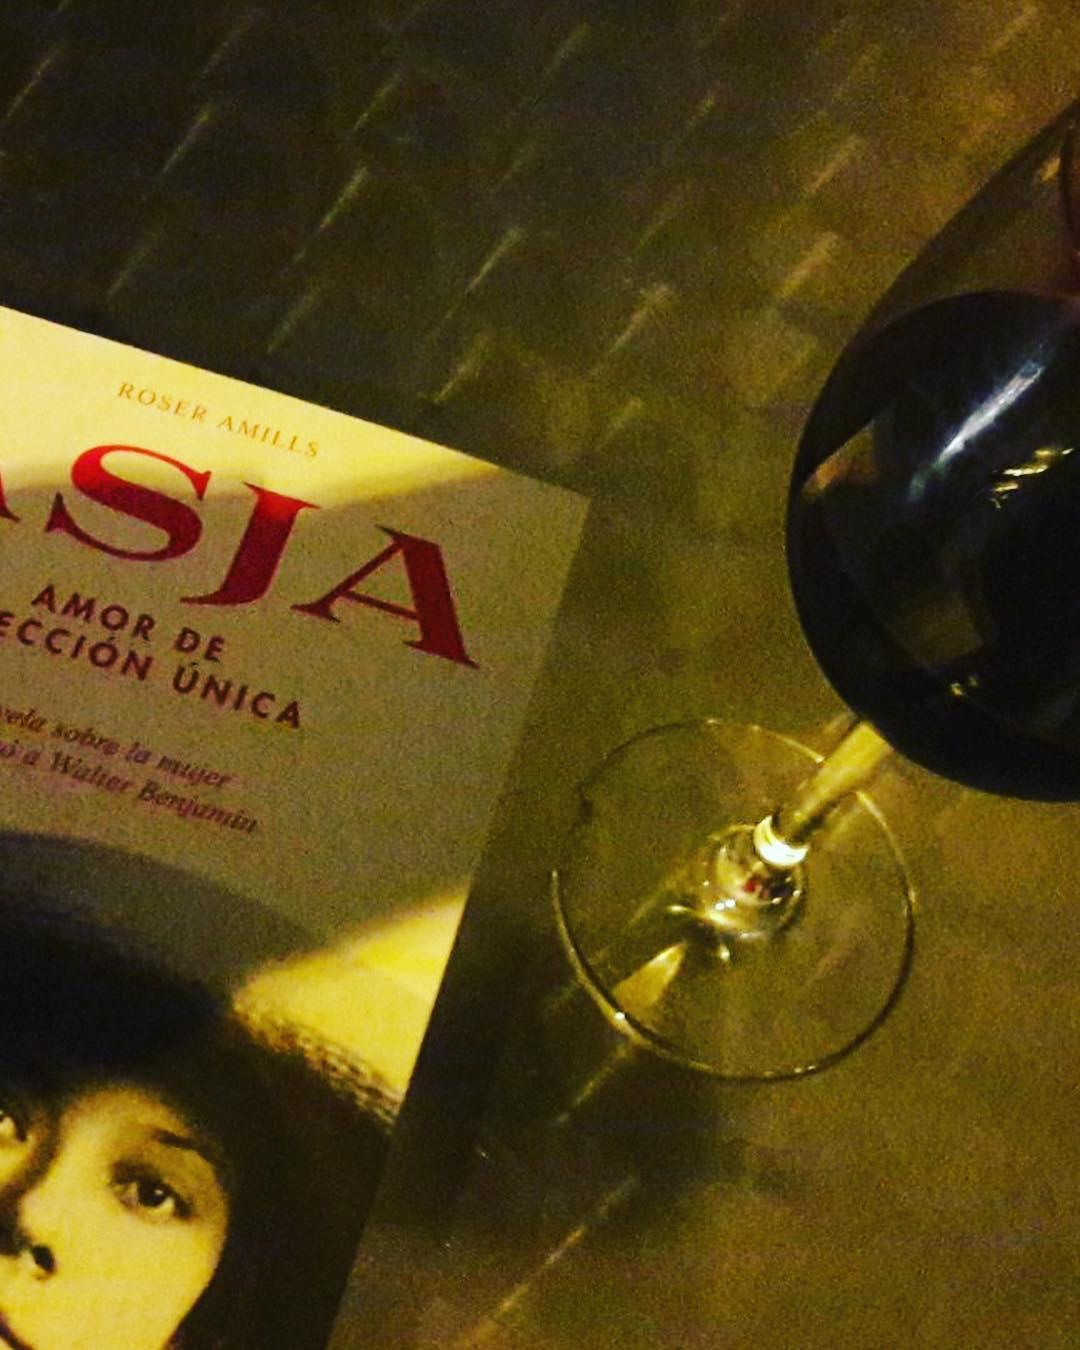 Lectura recomendada: la historia de amor de la revolucionaria comunista #asjalacis y el filósofo judío #walterbenjamin, el #nazismo, el teatro, la radio…